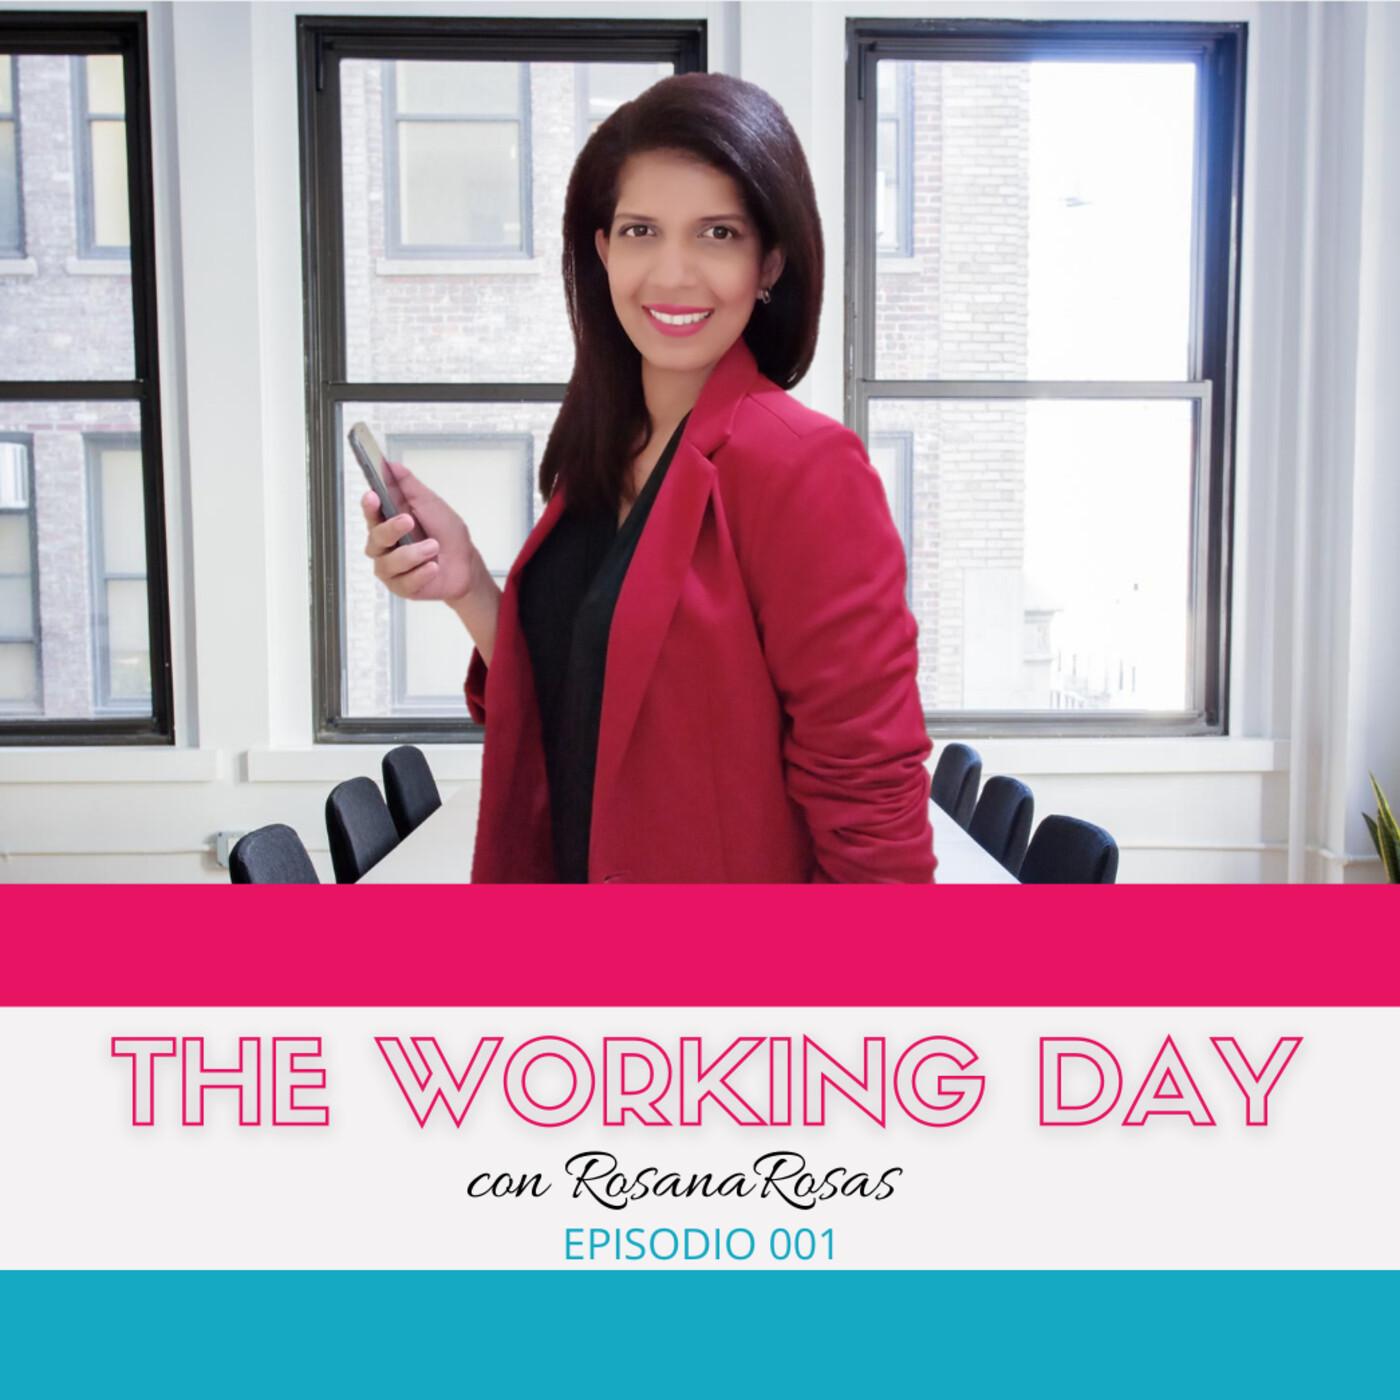 Qué es el Teletrabajo |Ep.1 en The Working Day